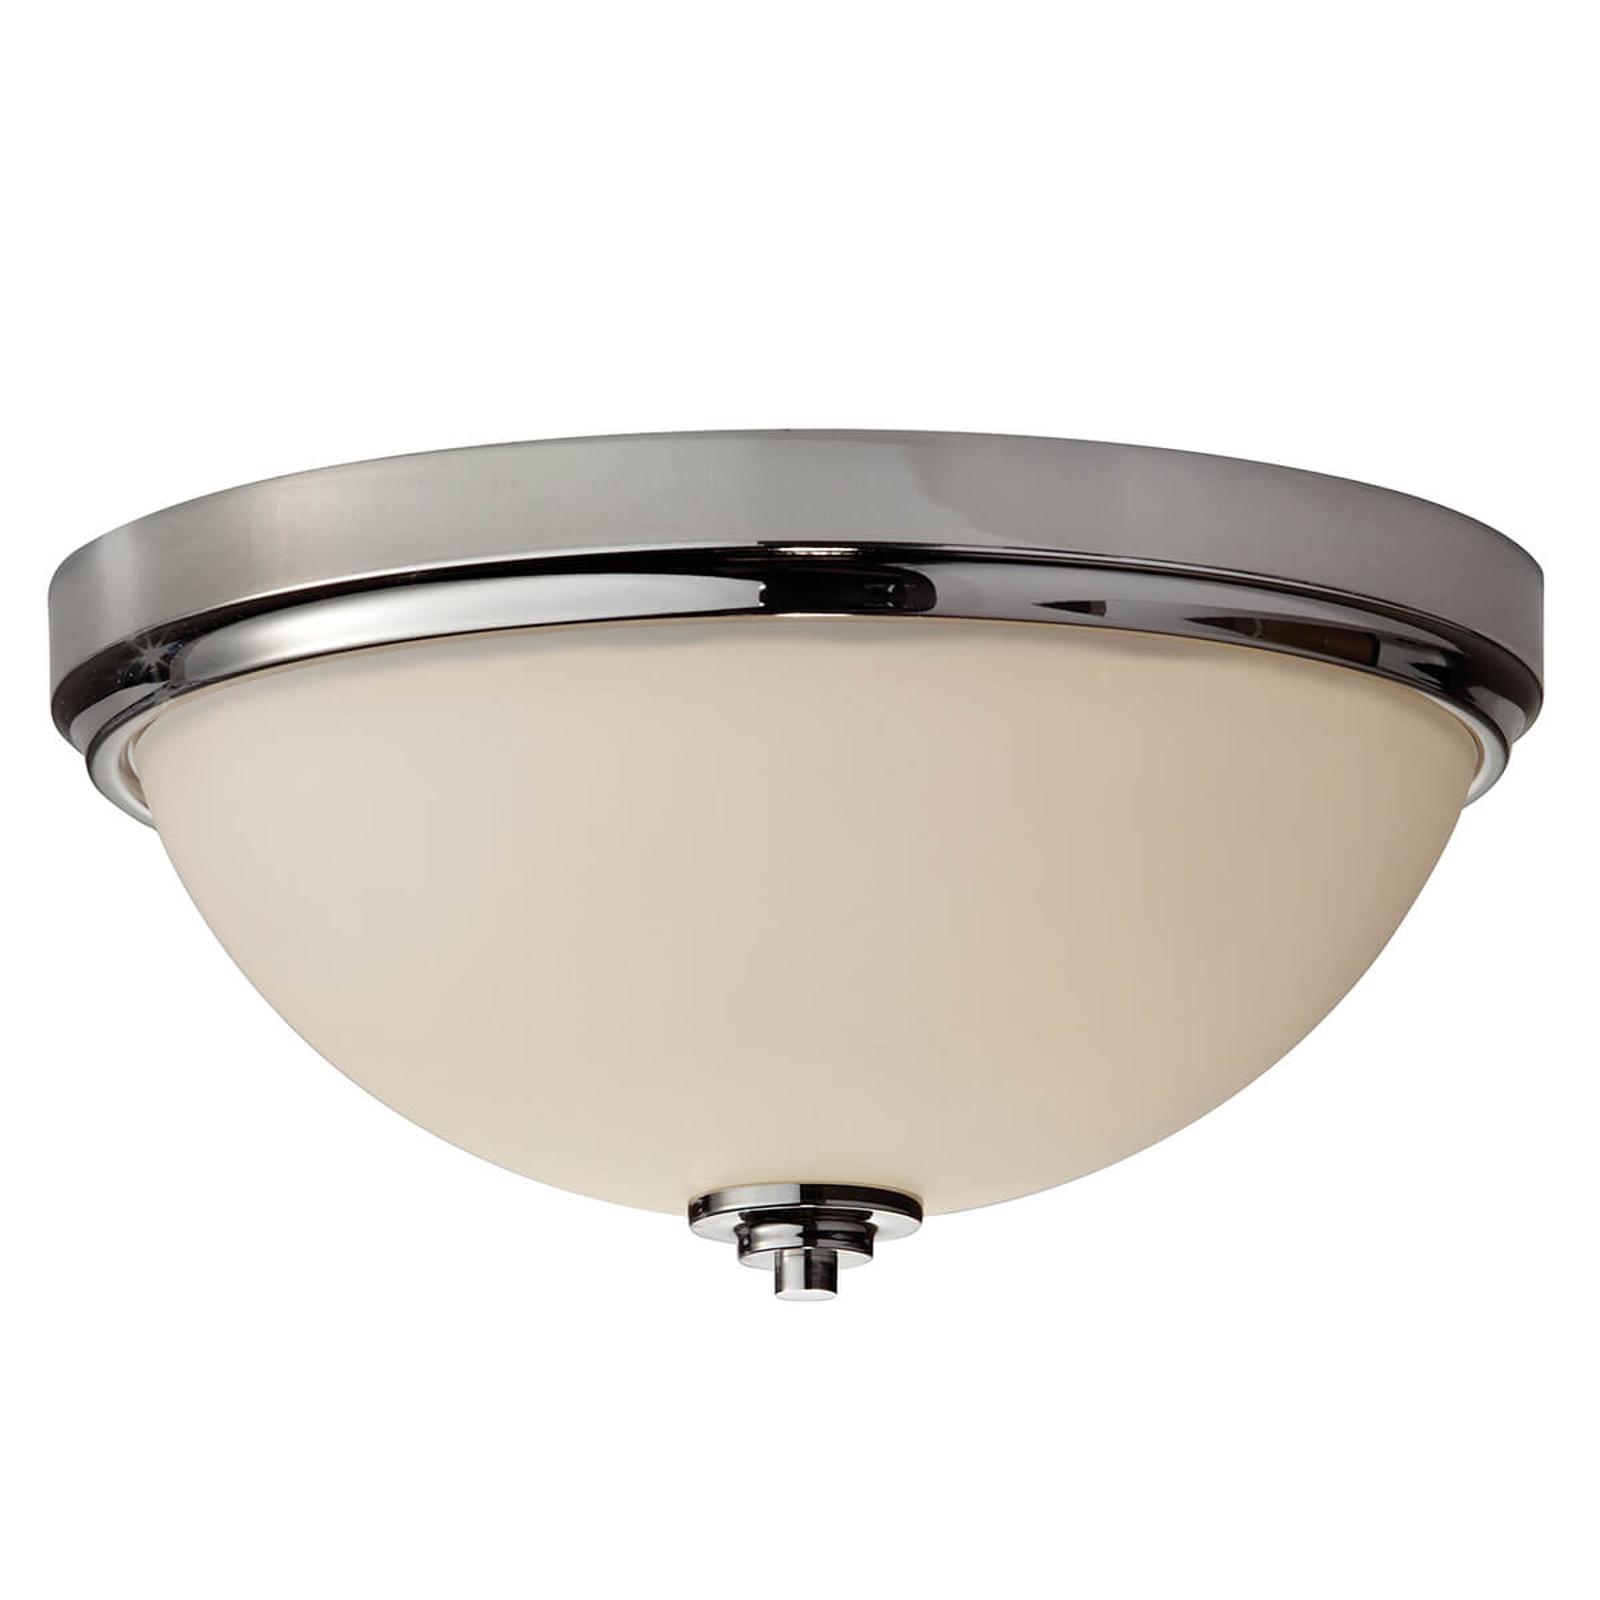 Niezwykła lampa sufitowa Malibu do łazienki